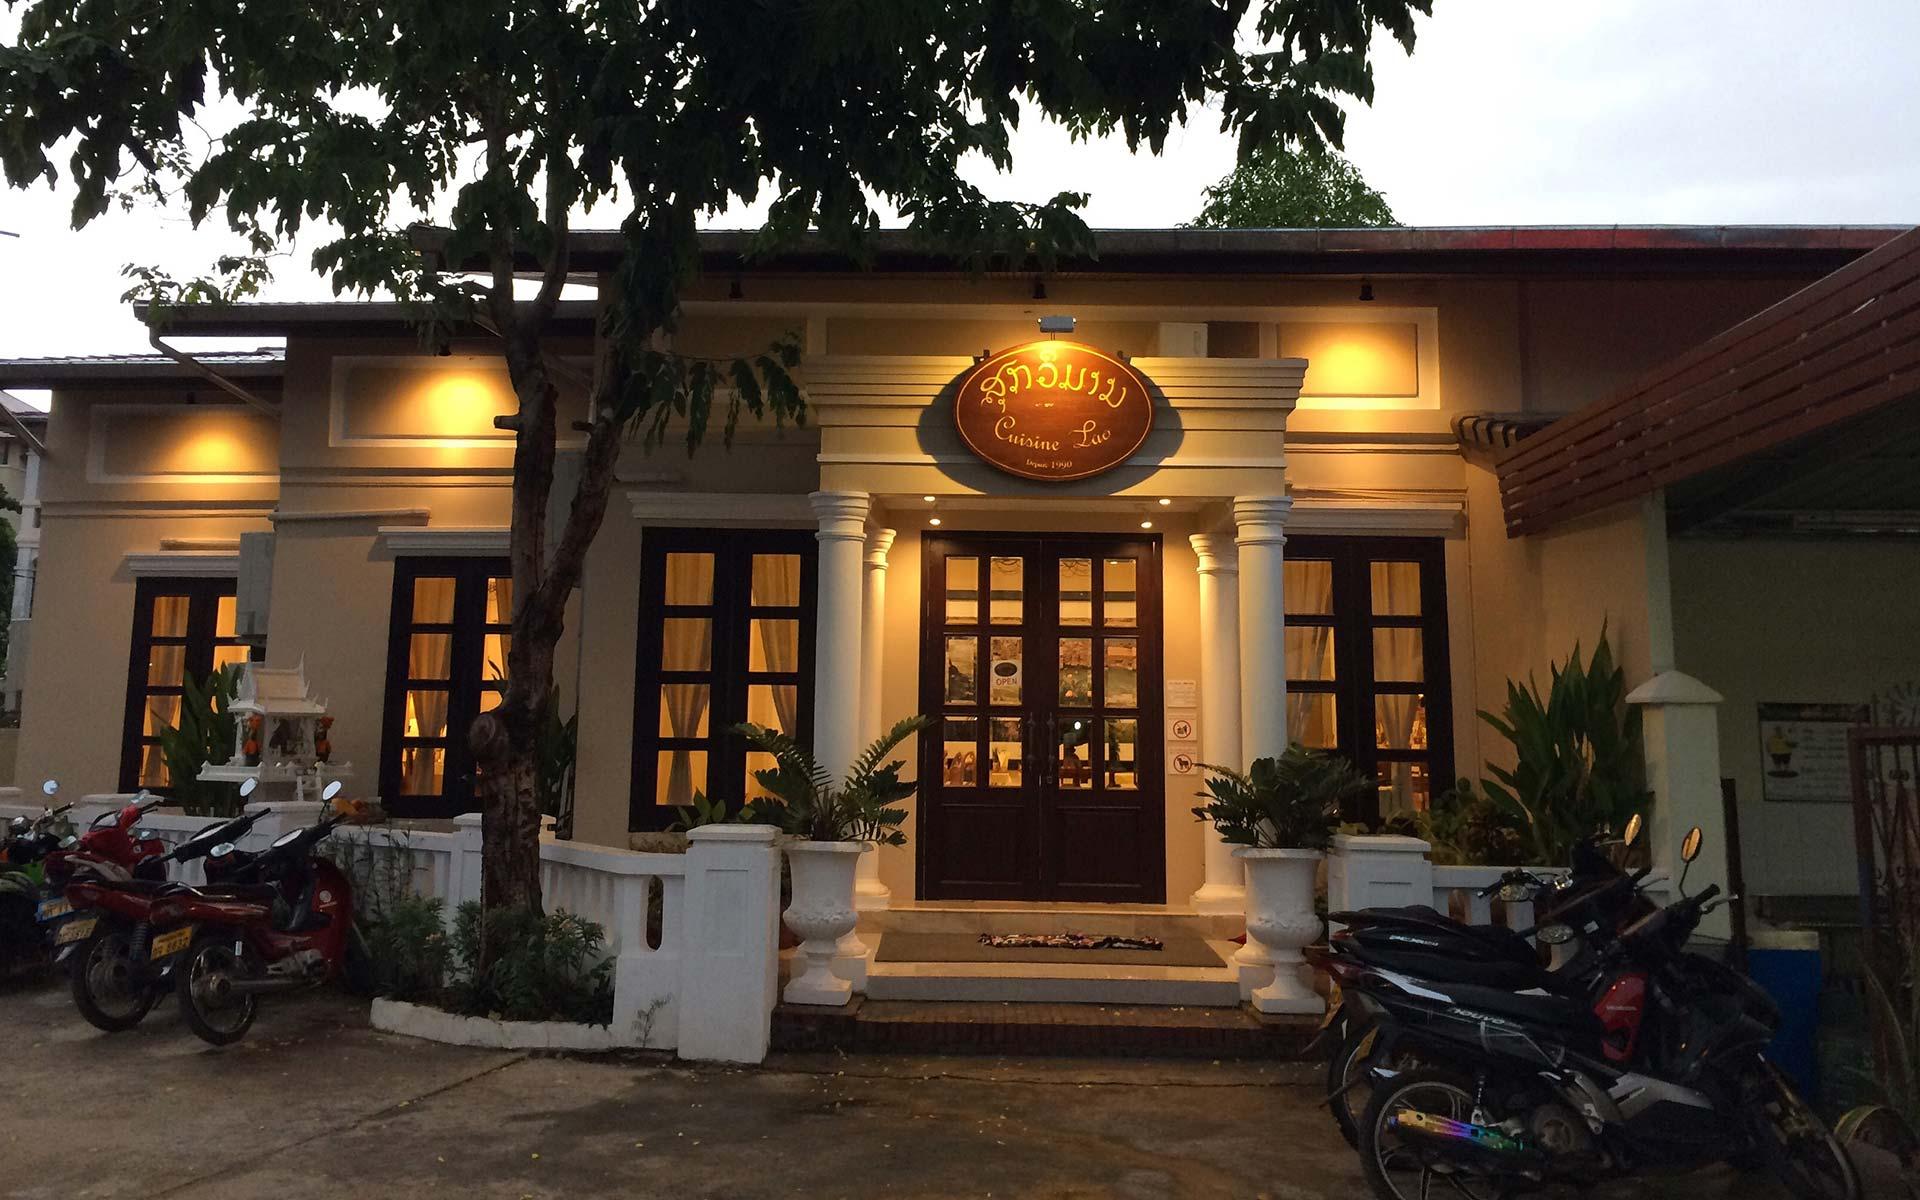 Soukvimarn Original Lao Foods - Most Popular Restaurants in Vientiane